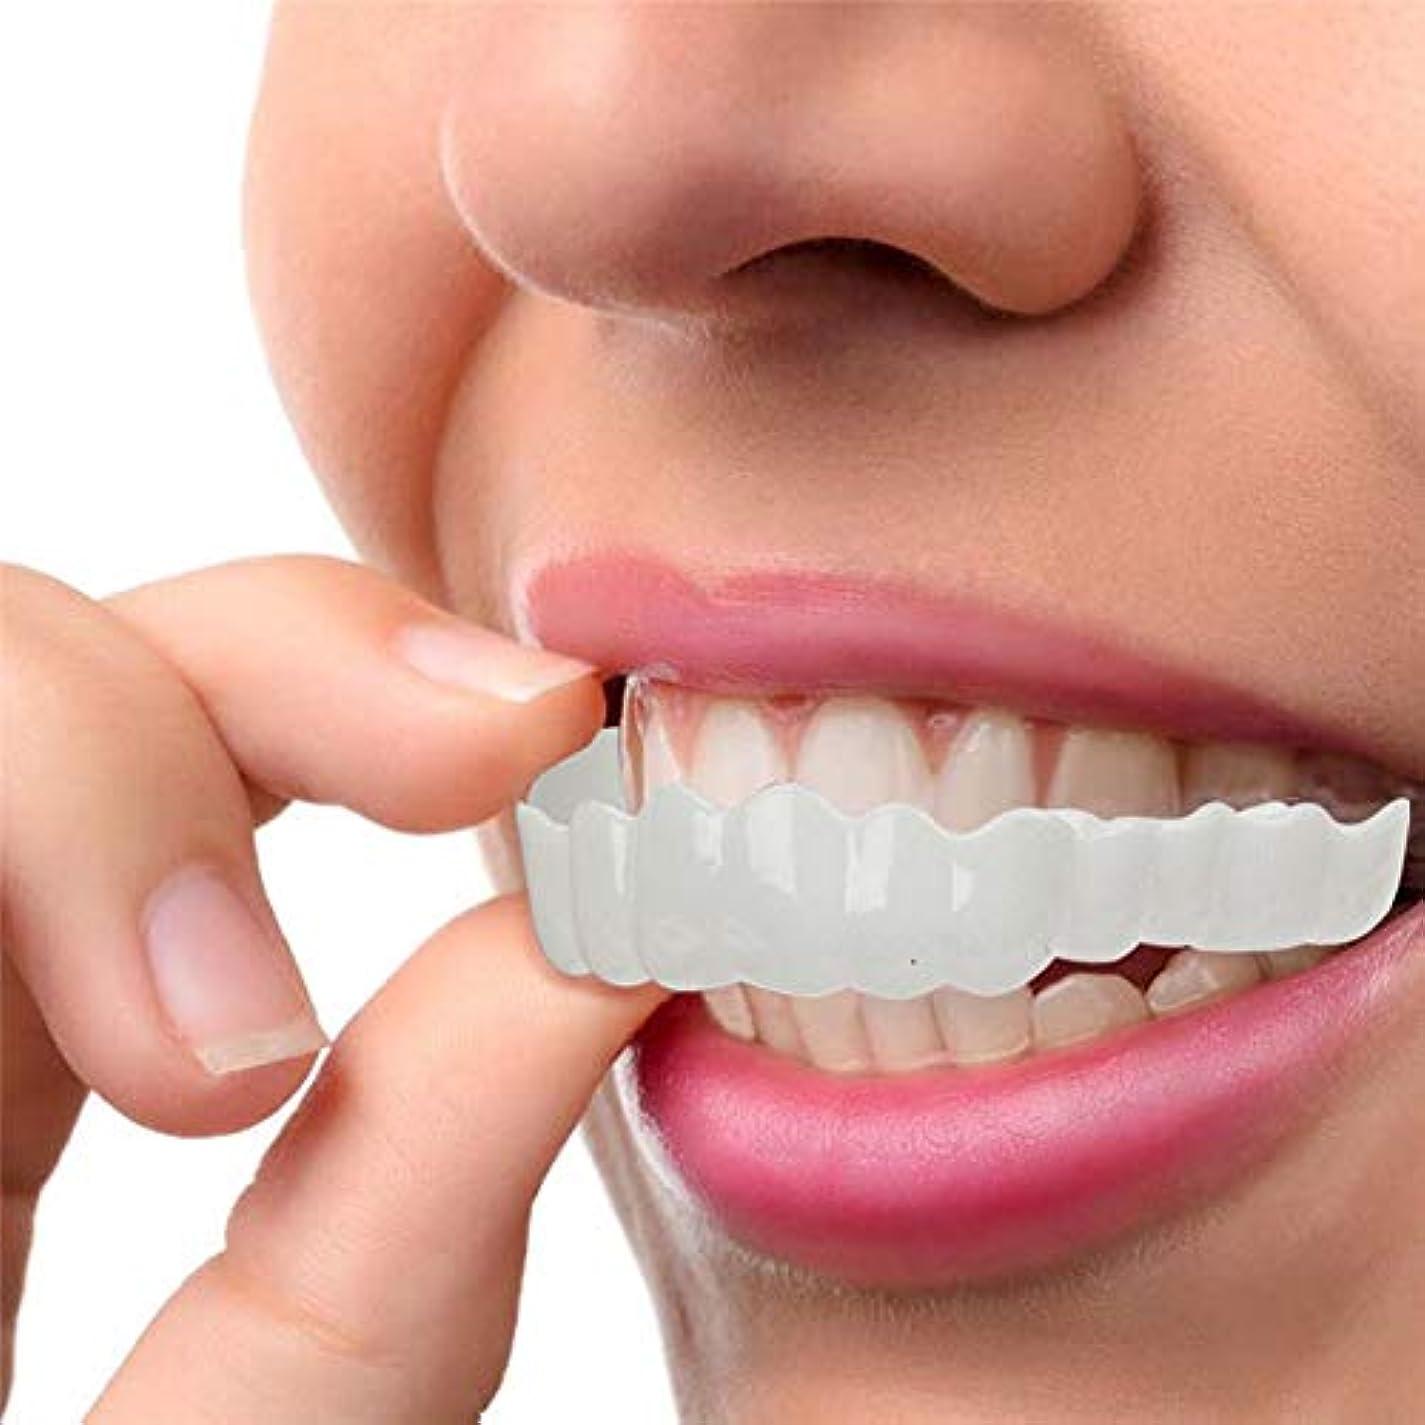 私達デマンドやむを得ない2セット、白い歯をきれいにするためのコンフォートフィットフレックス歯ソケット、化粧品の歯、スーパーコンフォート、コンフォートフィット